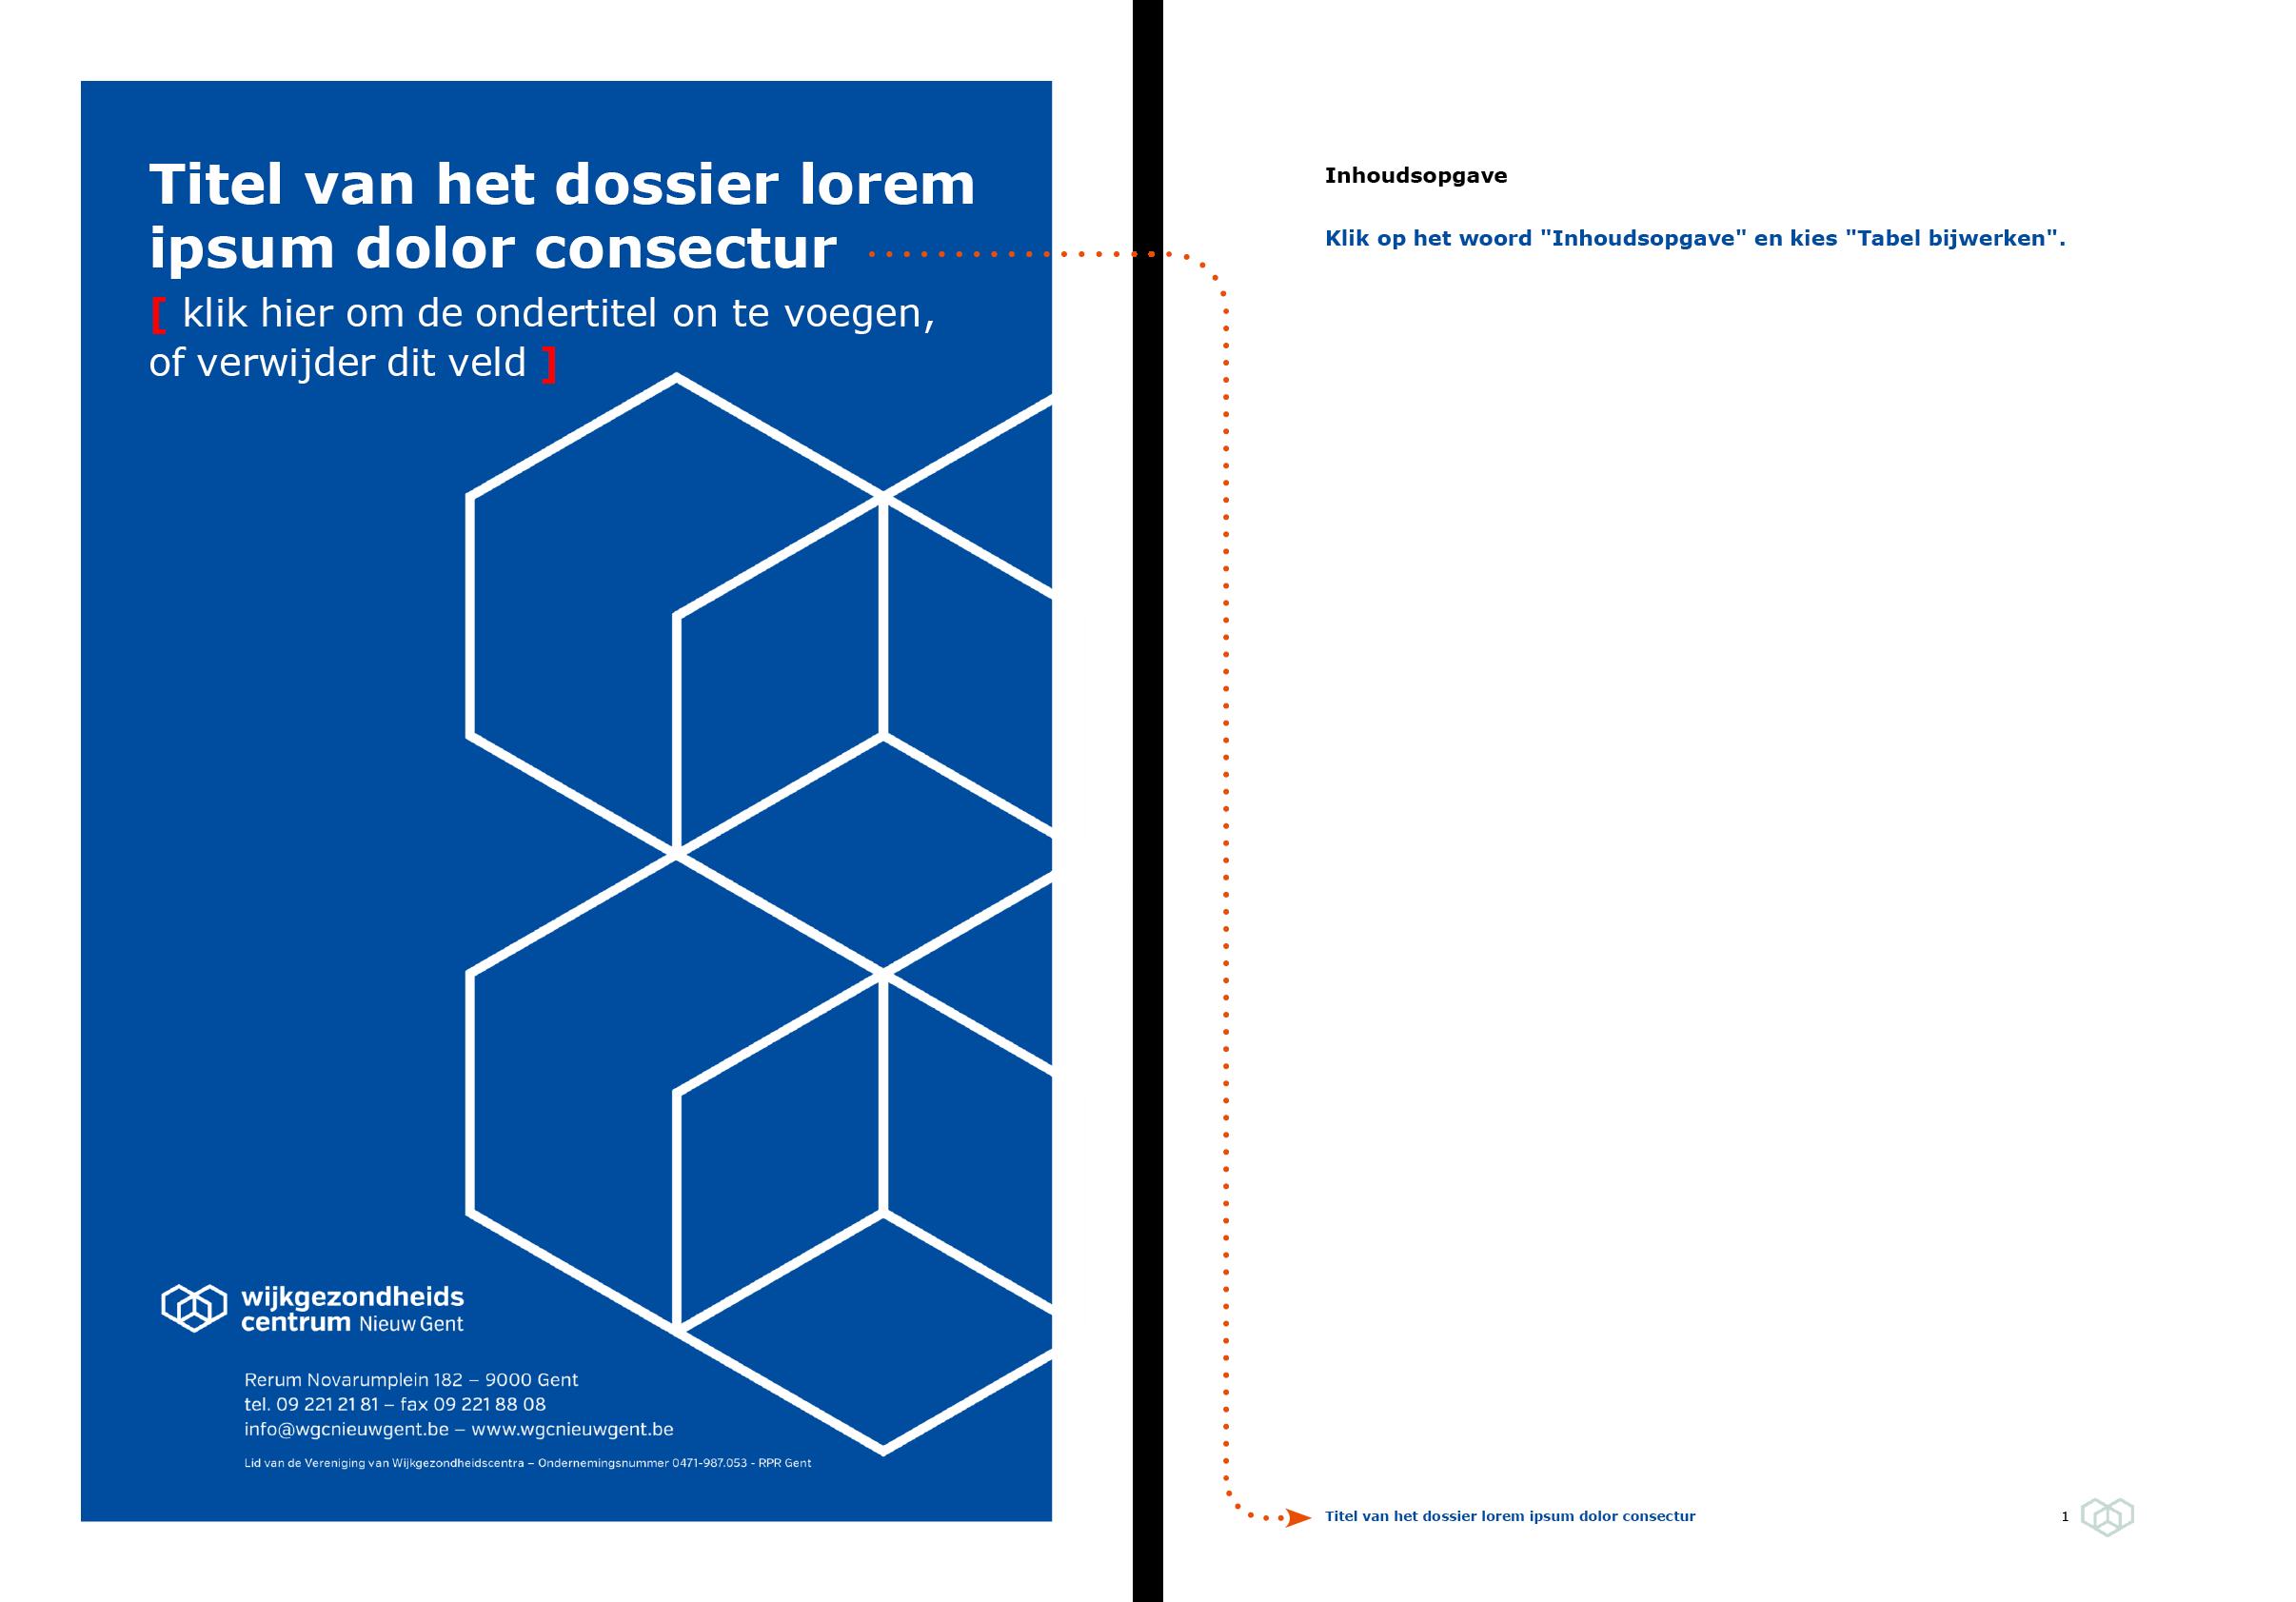 De voettekst wordt automatisch ingevuld via doorlussing uit het voorblad. Microsoft Word-sjabloon voor WGC Nieuw Gent.